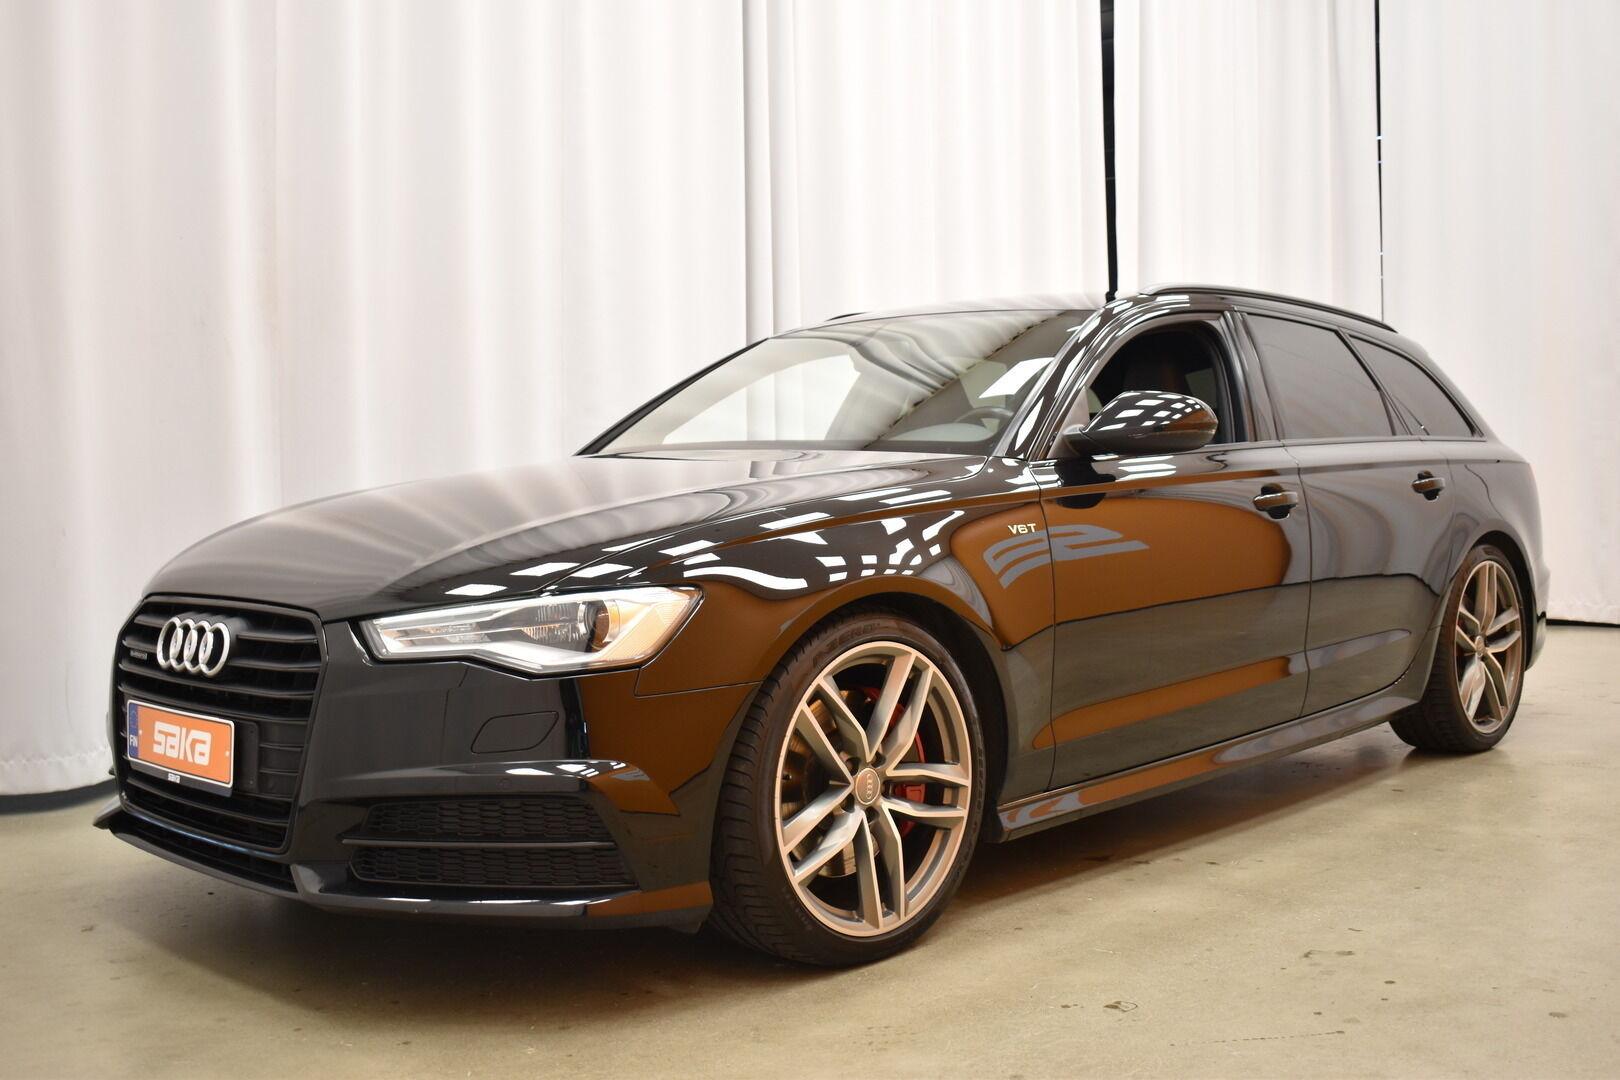 Musta Farmari, Audi A6 – OUL-89168, kuva 4